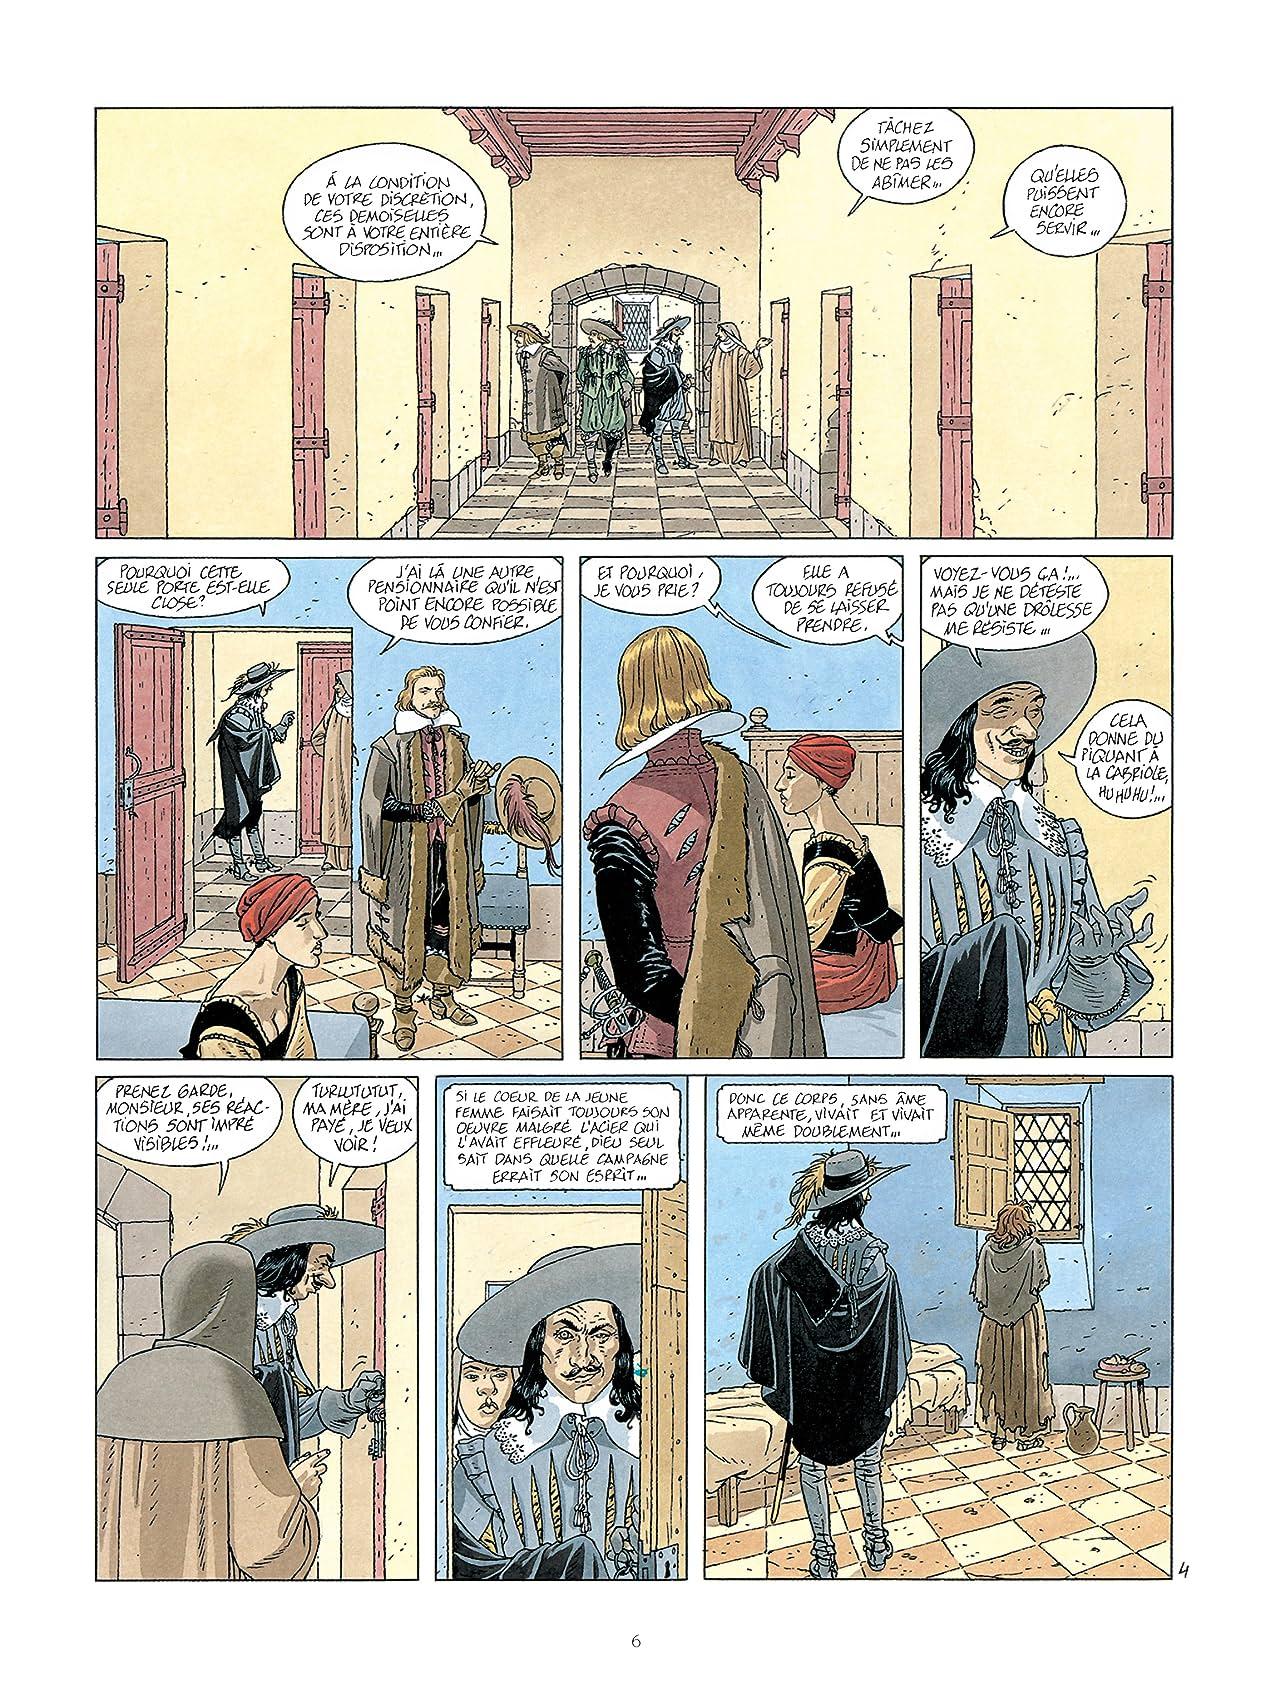 Les 7 Vies de l'épervier -  2ème époque Vol. 1: La Folle et l'assassin